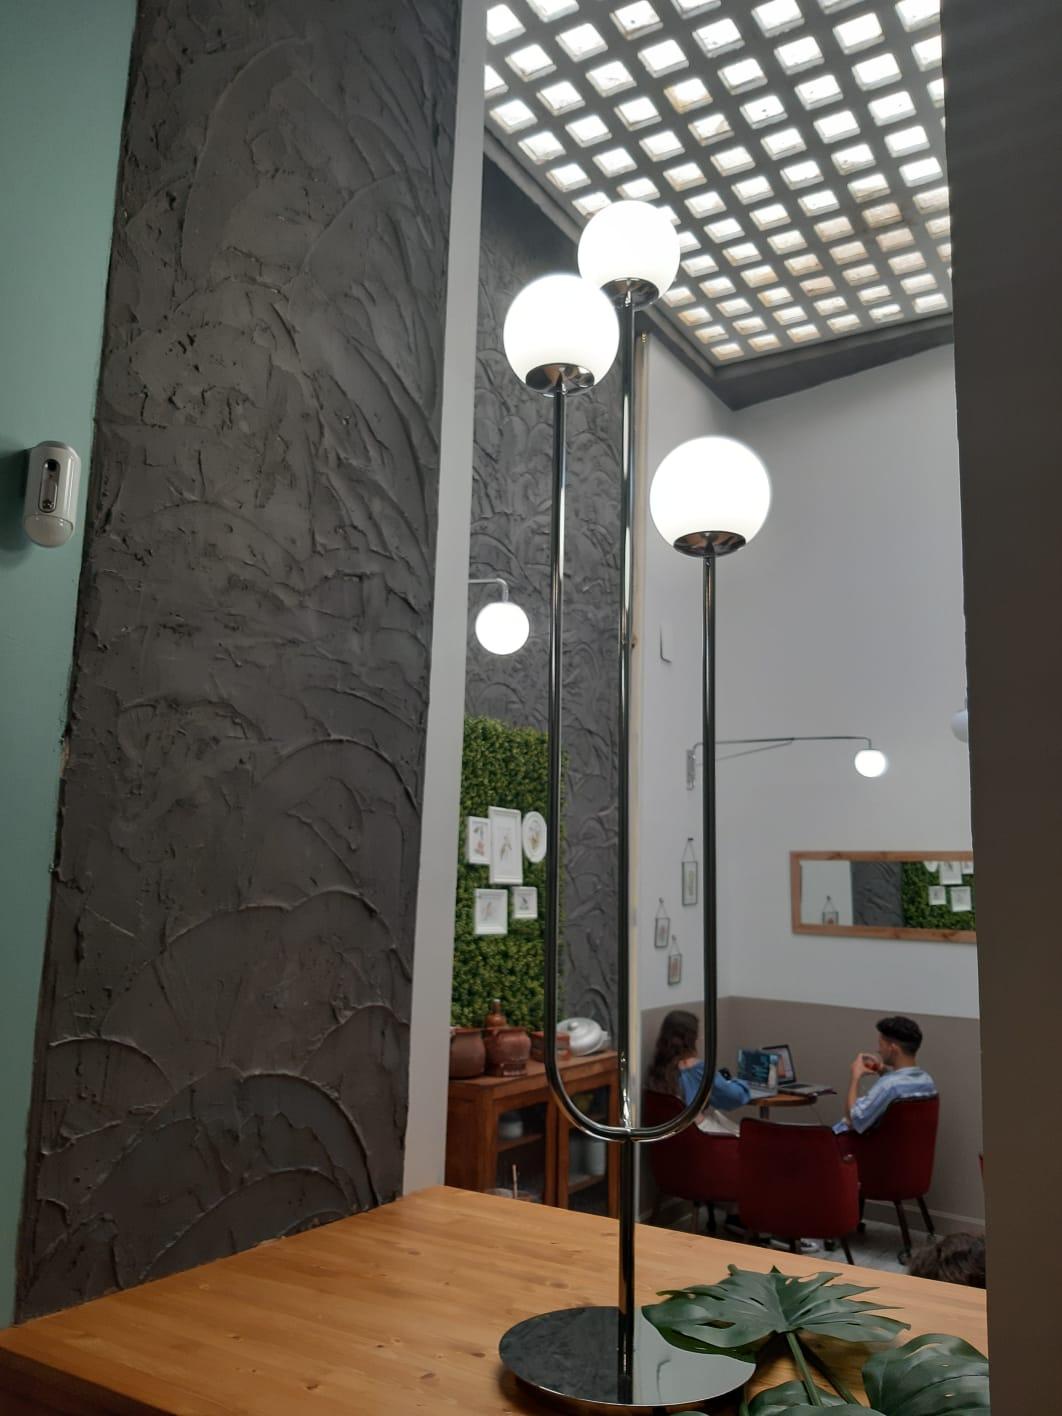 cafeteria pasteleria con patio interior en sevilla, cafeterias con encanto en sevilla, rincones especiales en sevilla